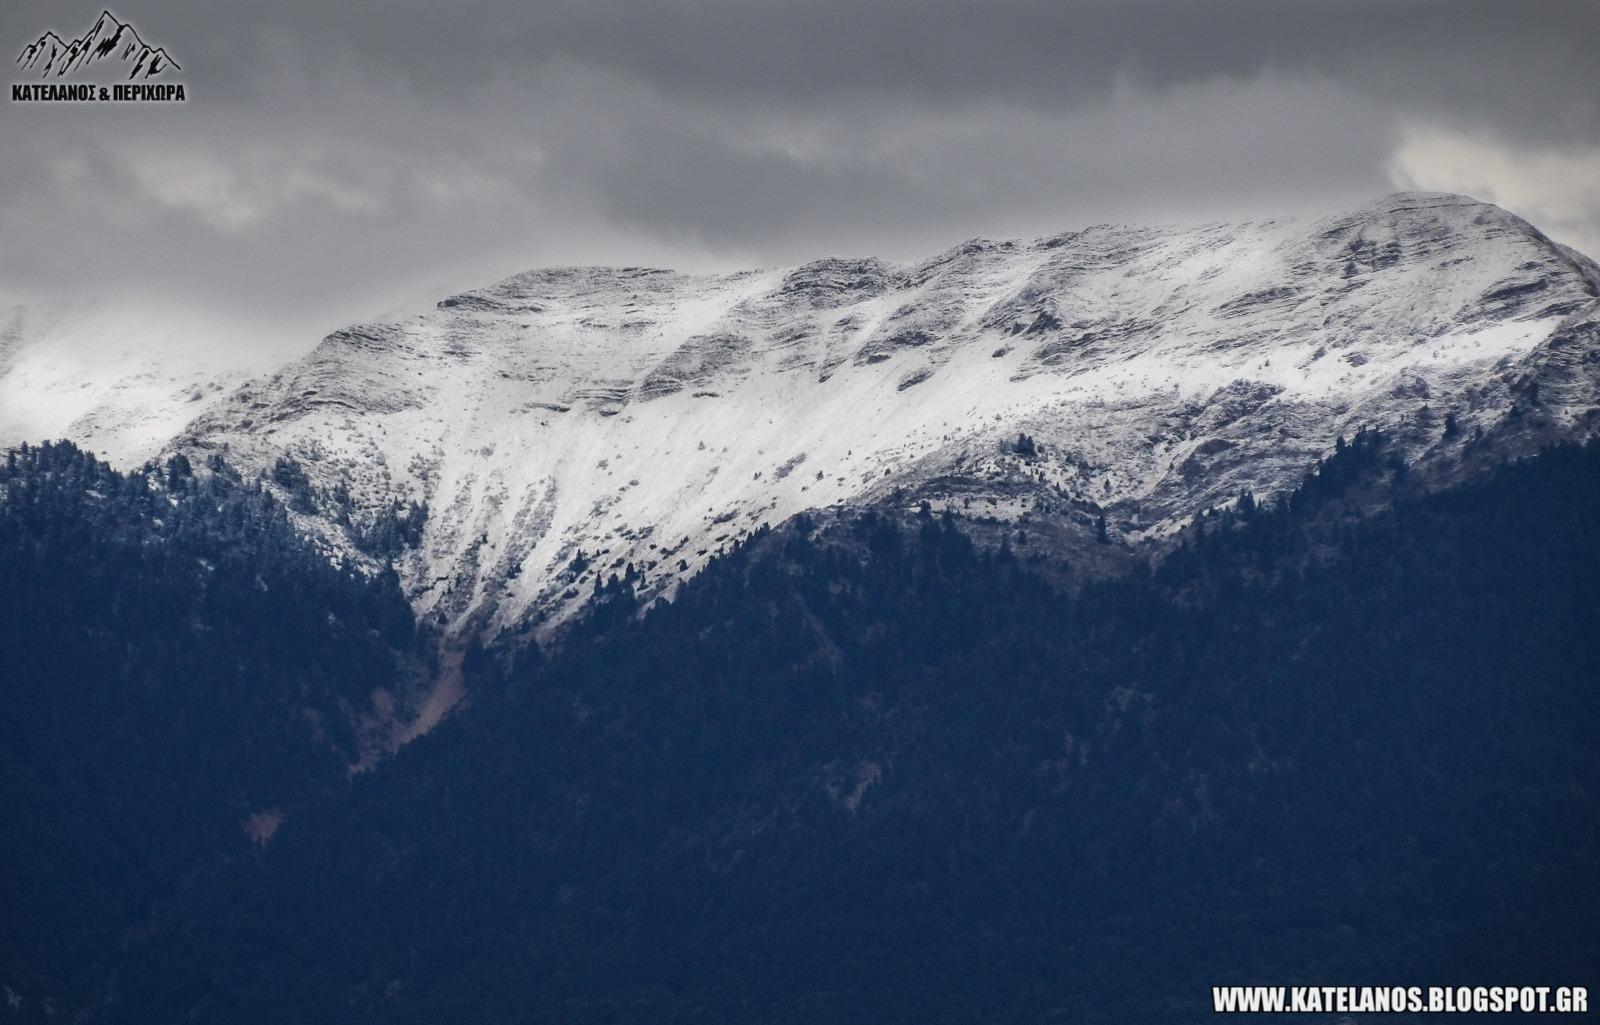 κορυφη βγενα ζυγος πρωτα χιονια παναιτωλικο